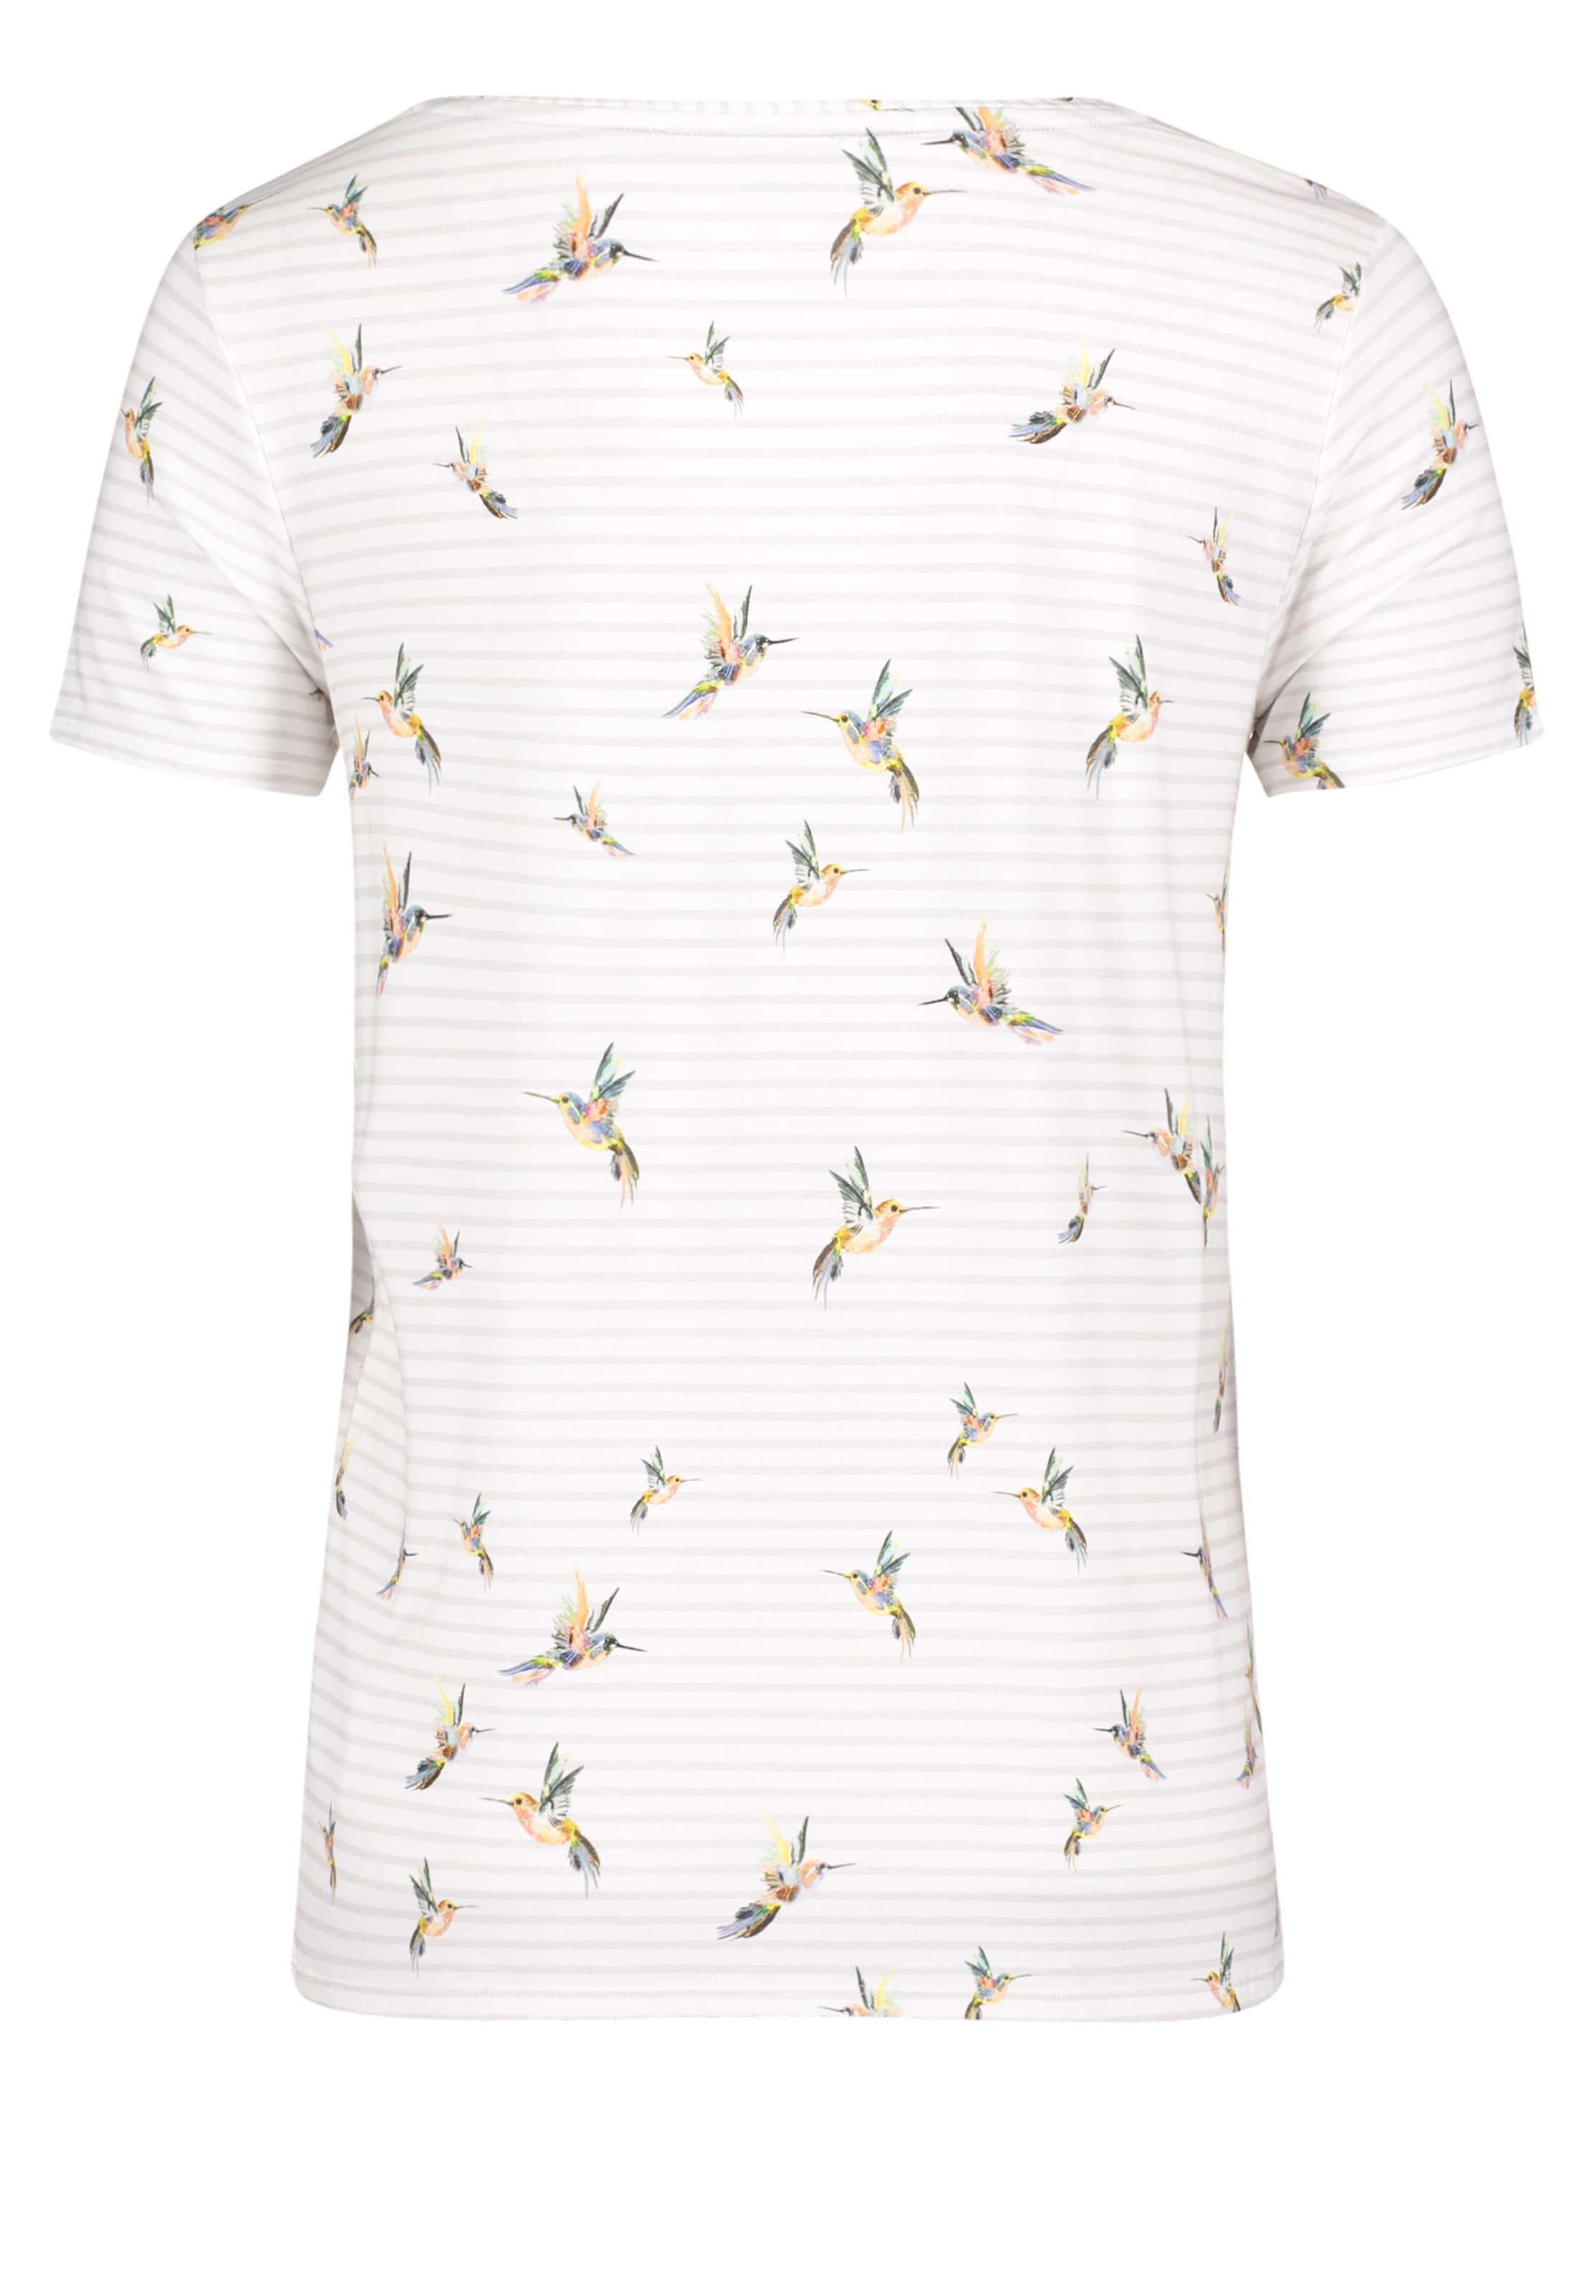 GelbHellgrau Bettyamp; Shirt Pfirsich Weiß Tanne Co In 3FTulK1Jc